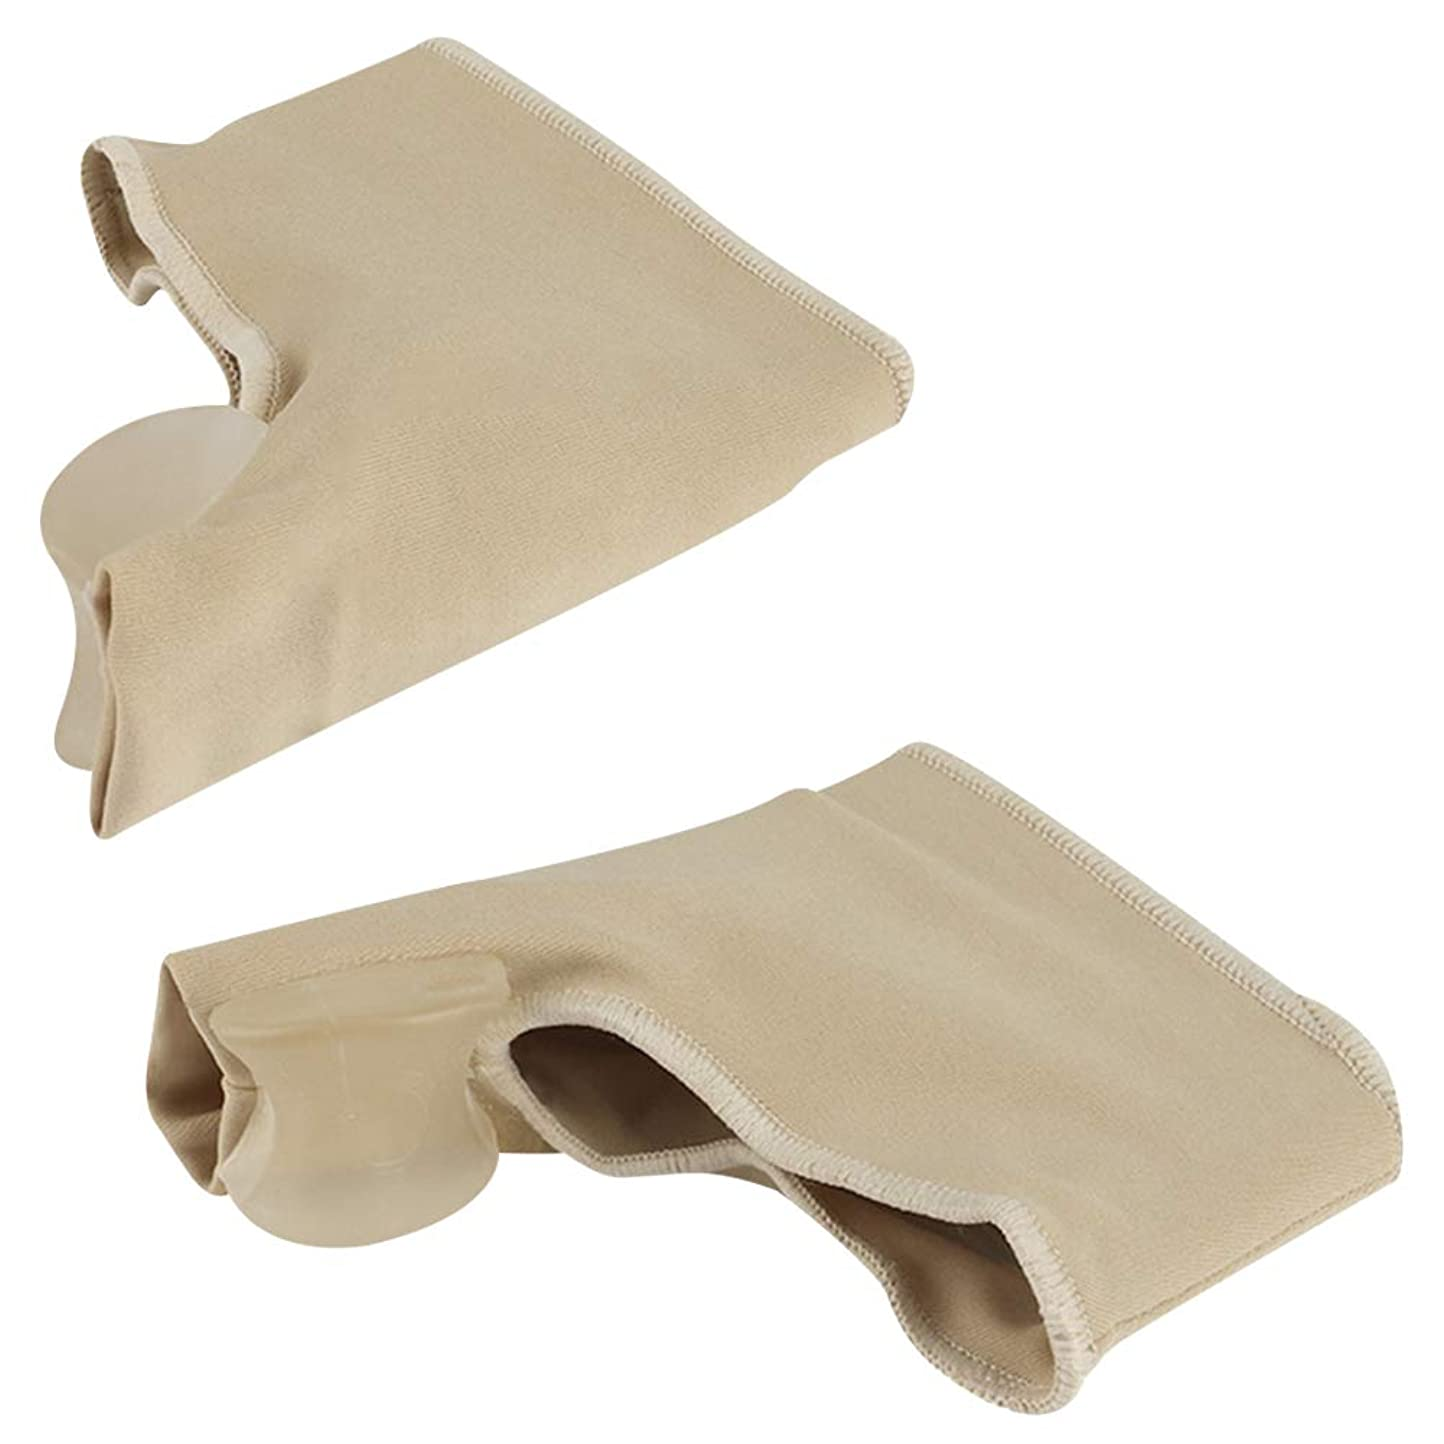 やさしく任命リマークOUYOU 足指サポーター 足指を広げる 外反母趾 足指矯正パッド 血行促進 シリコン (M)